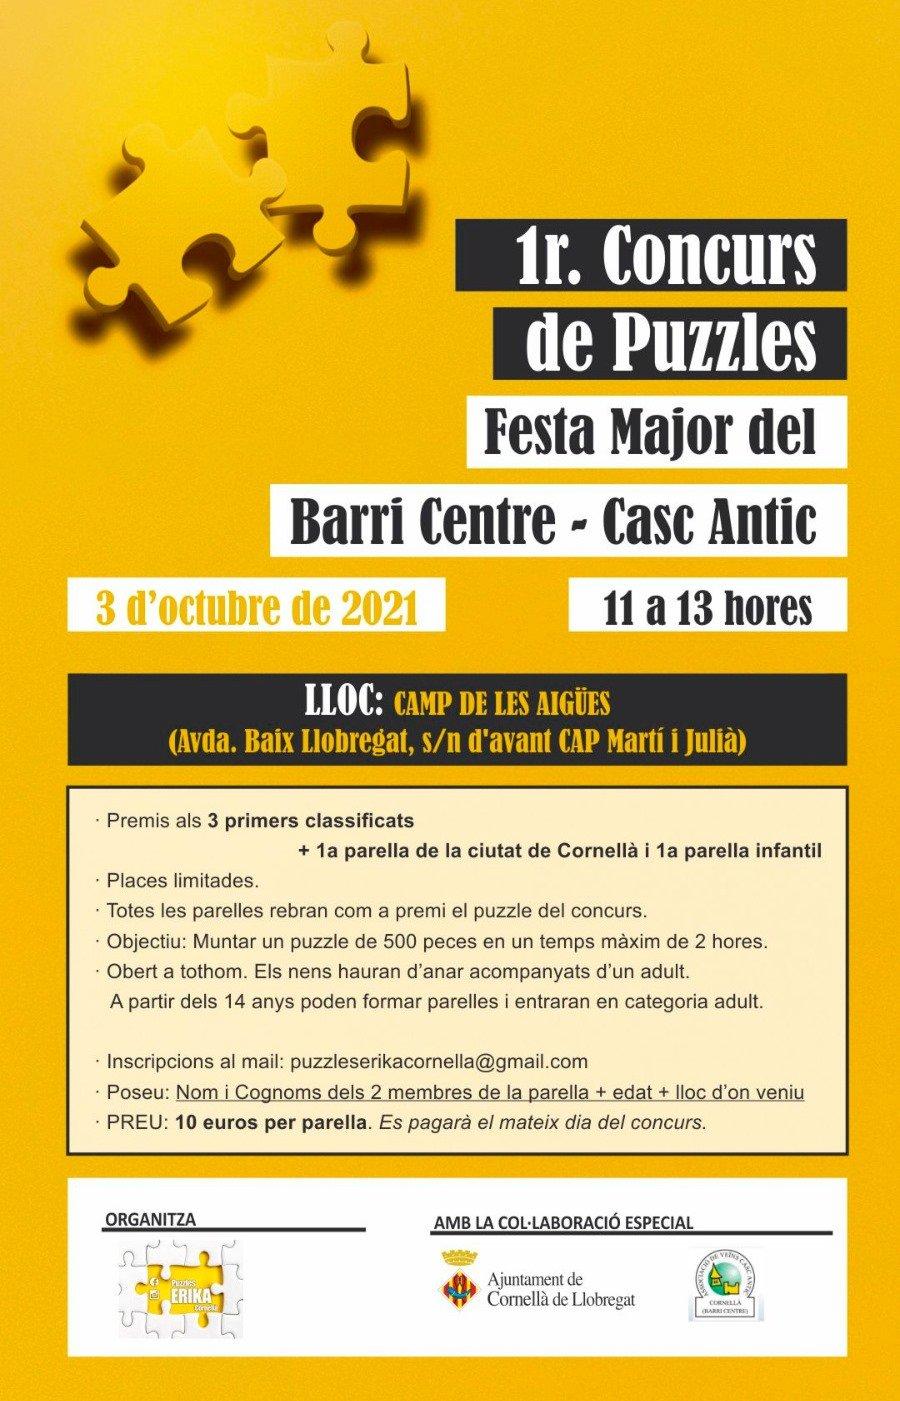 1r Concurs de Puzzles Festa Major del Barri Centre Cornella